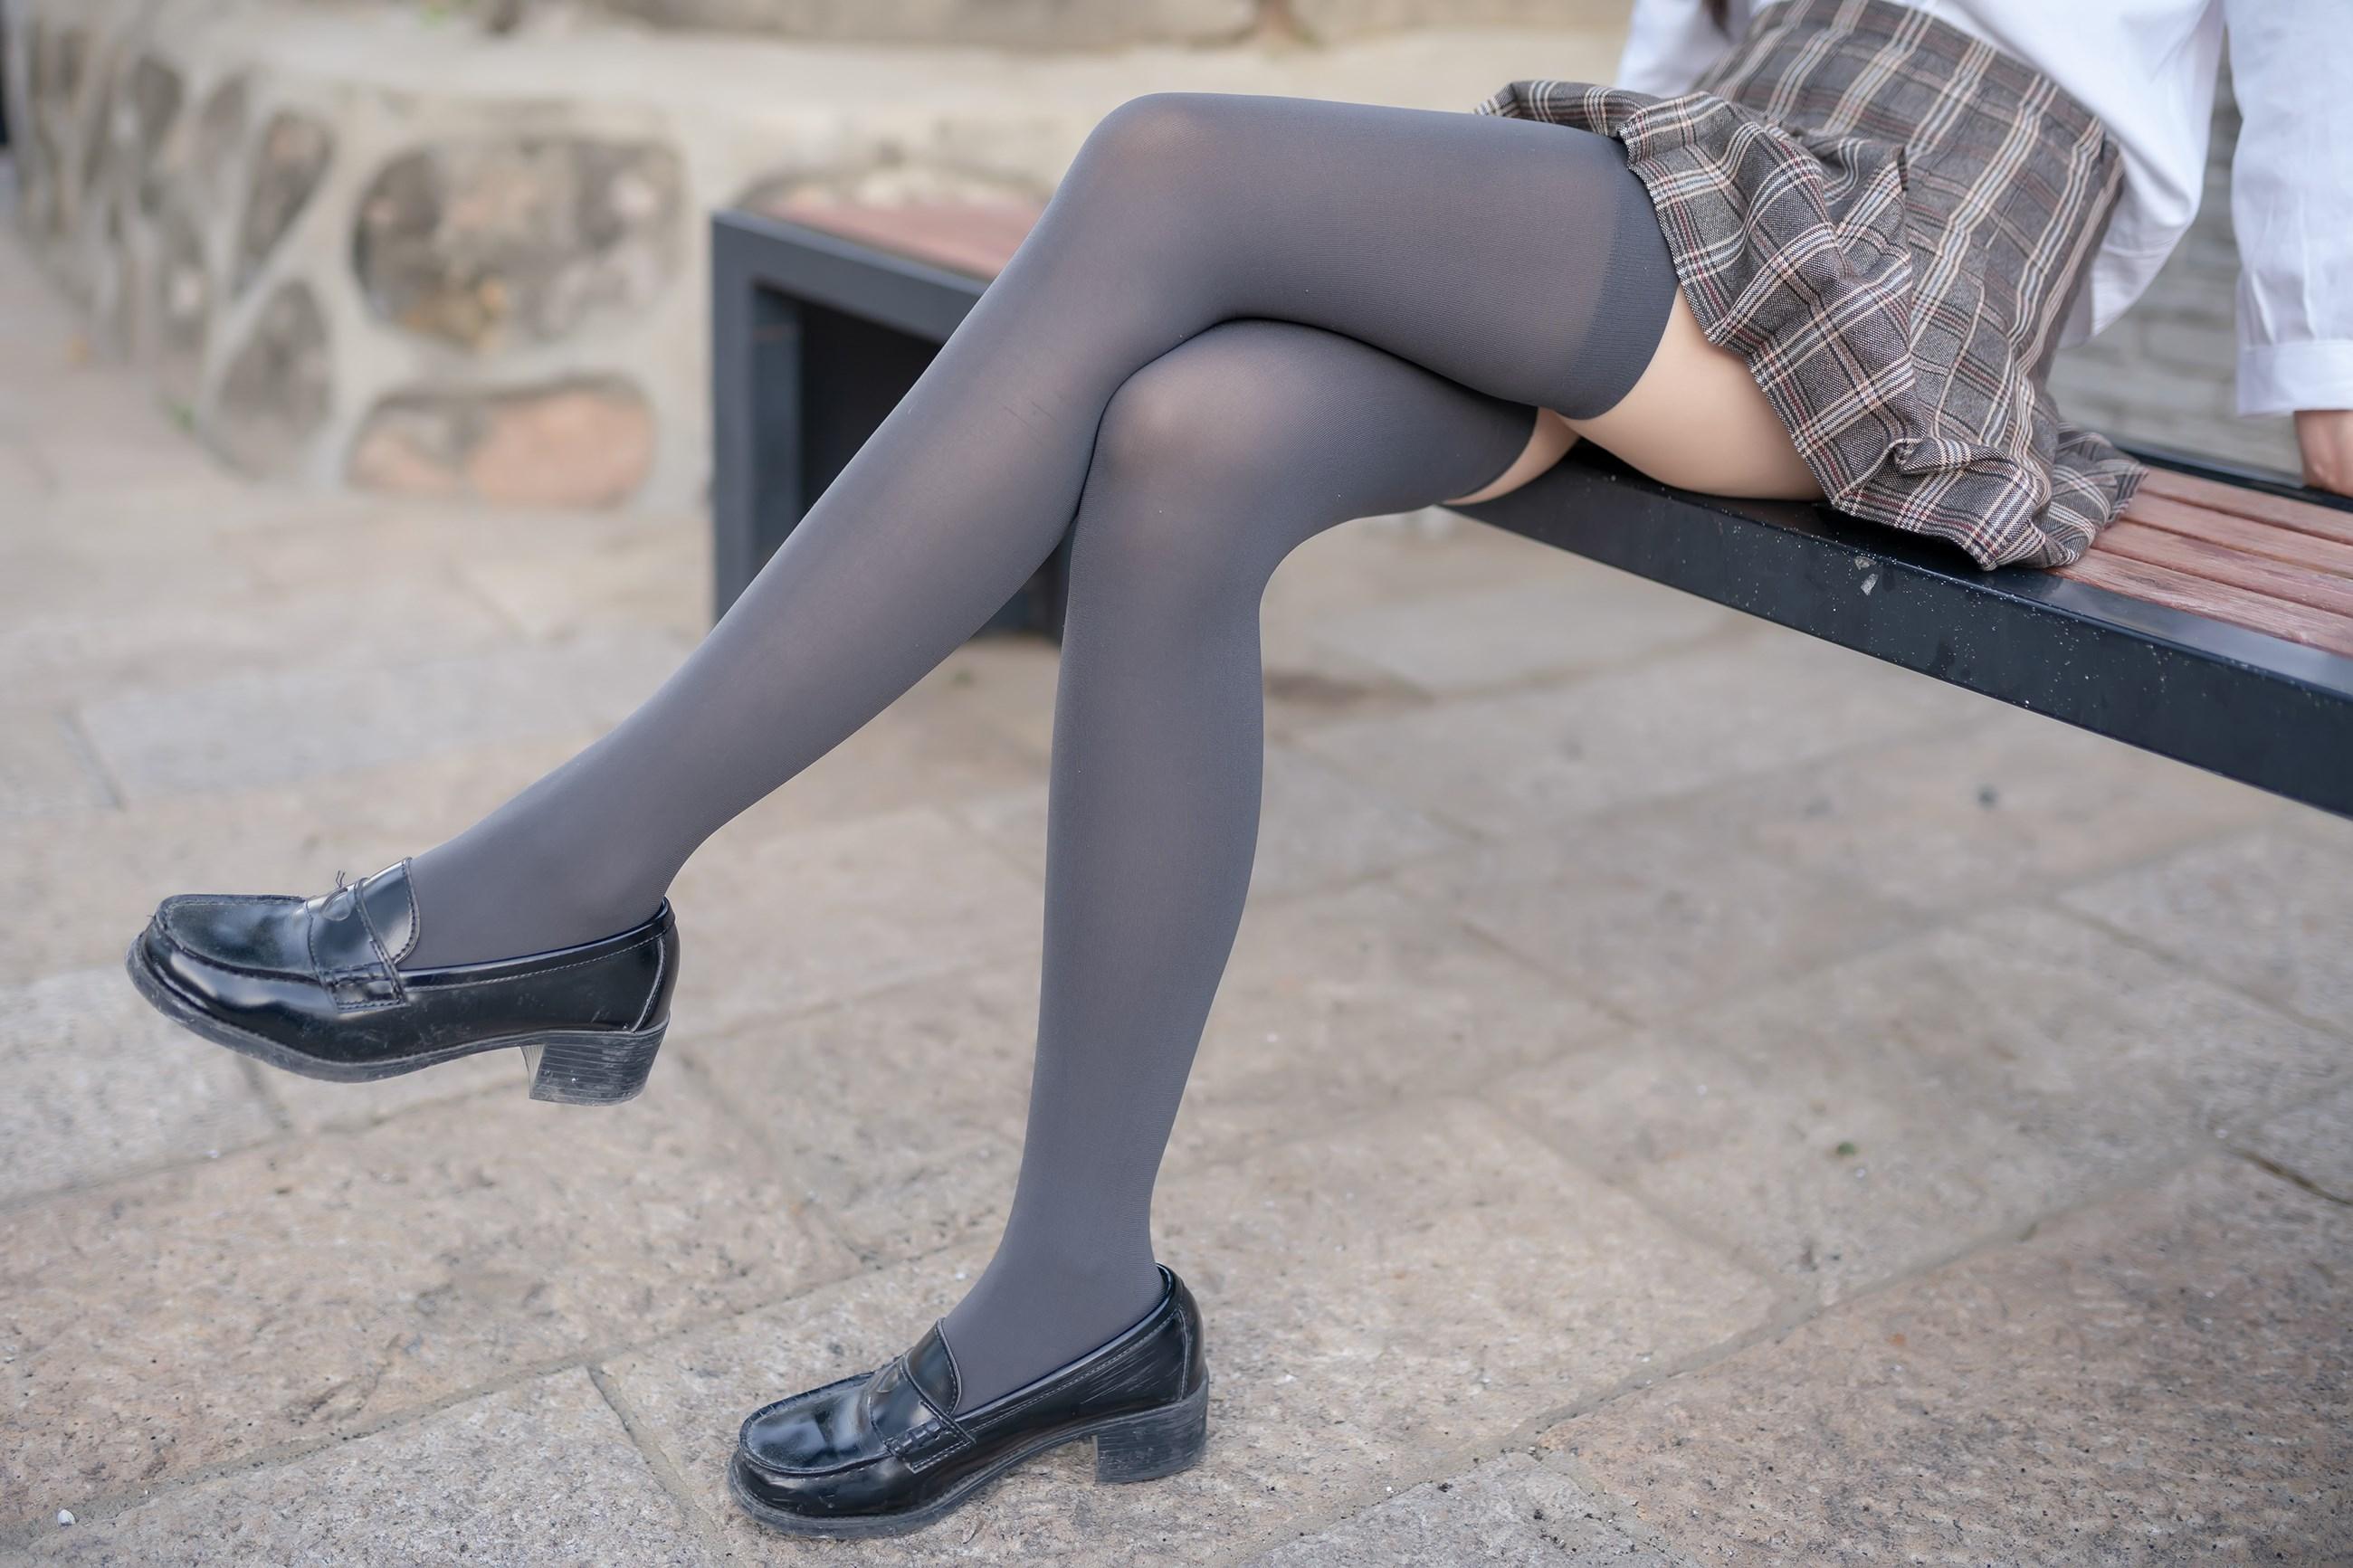 【兔玩映画】这个腿也太棒了吧! 兔玩映画 第11张